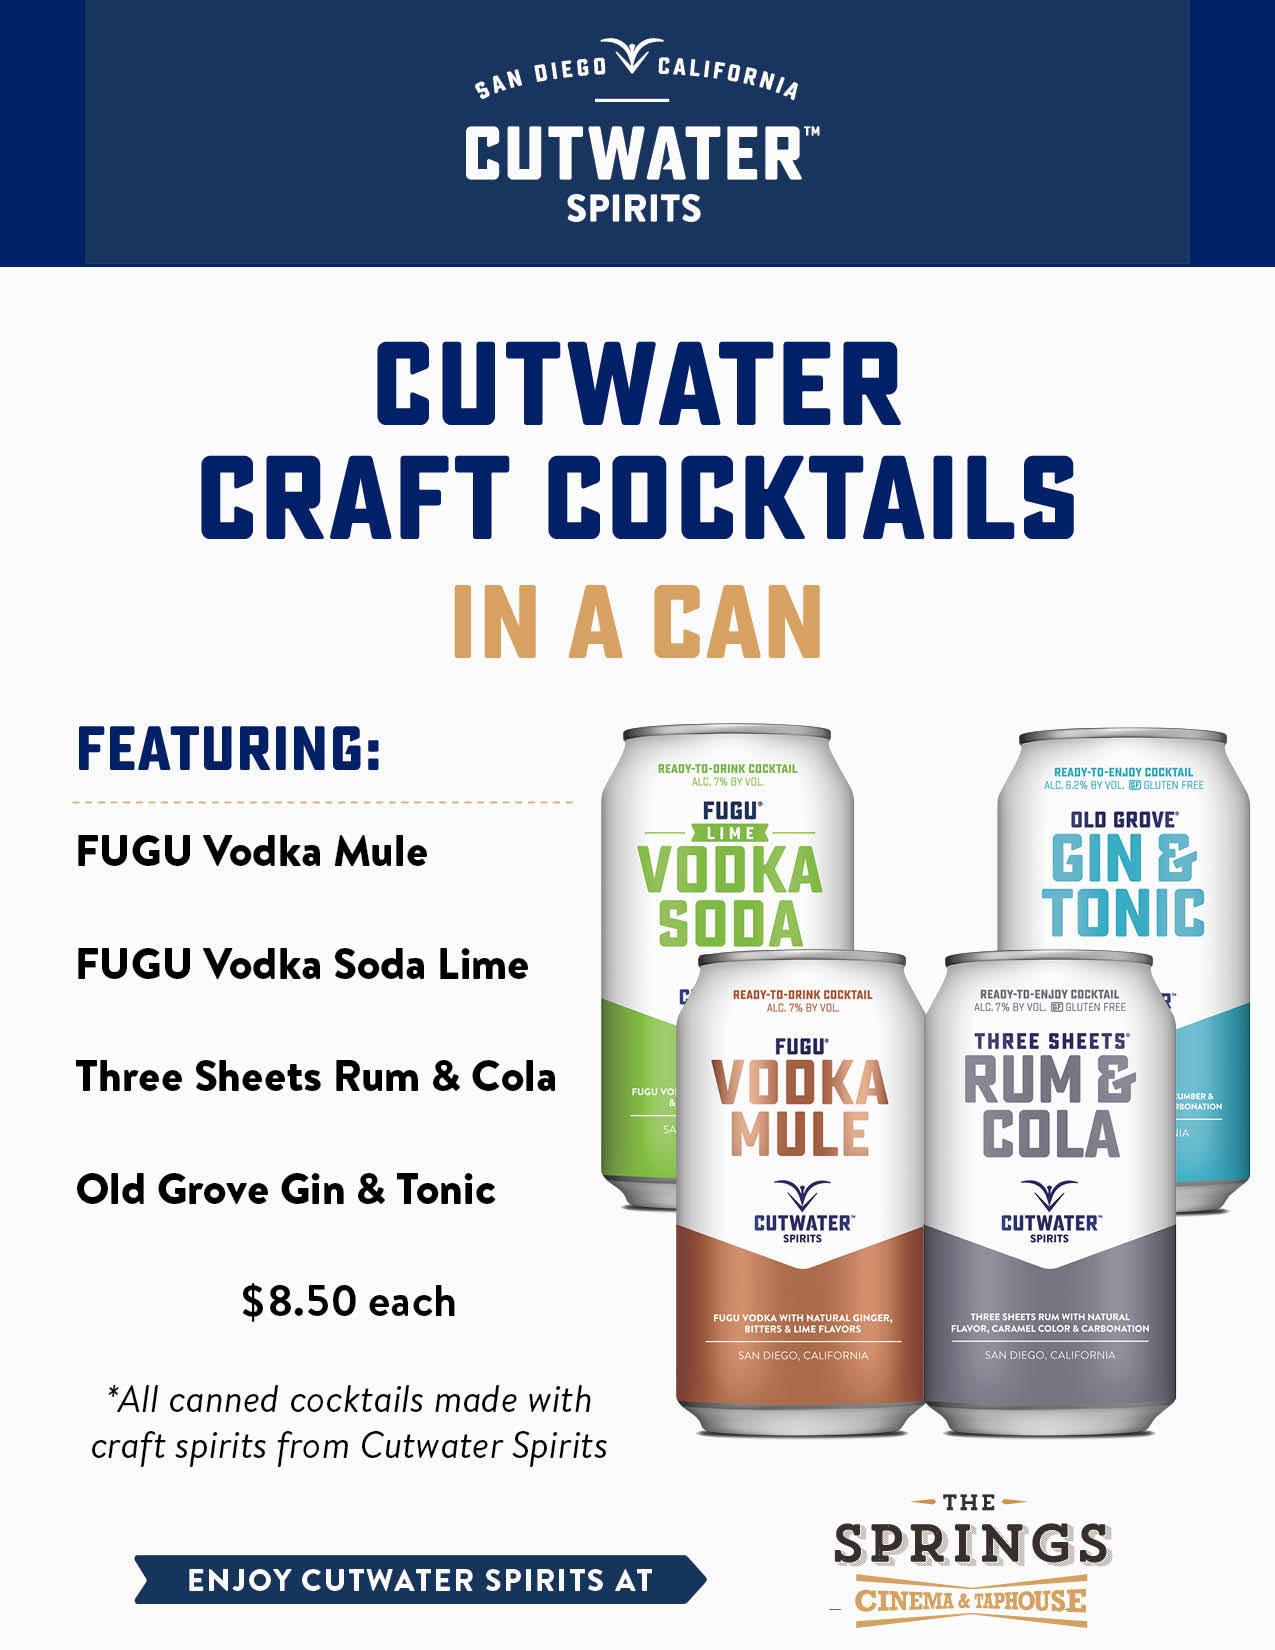 Cutwater Craft Cocktails